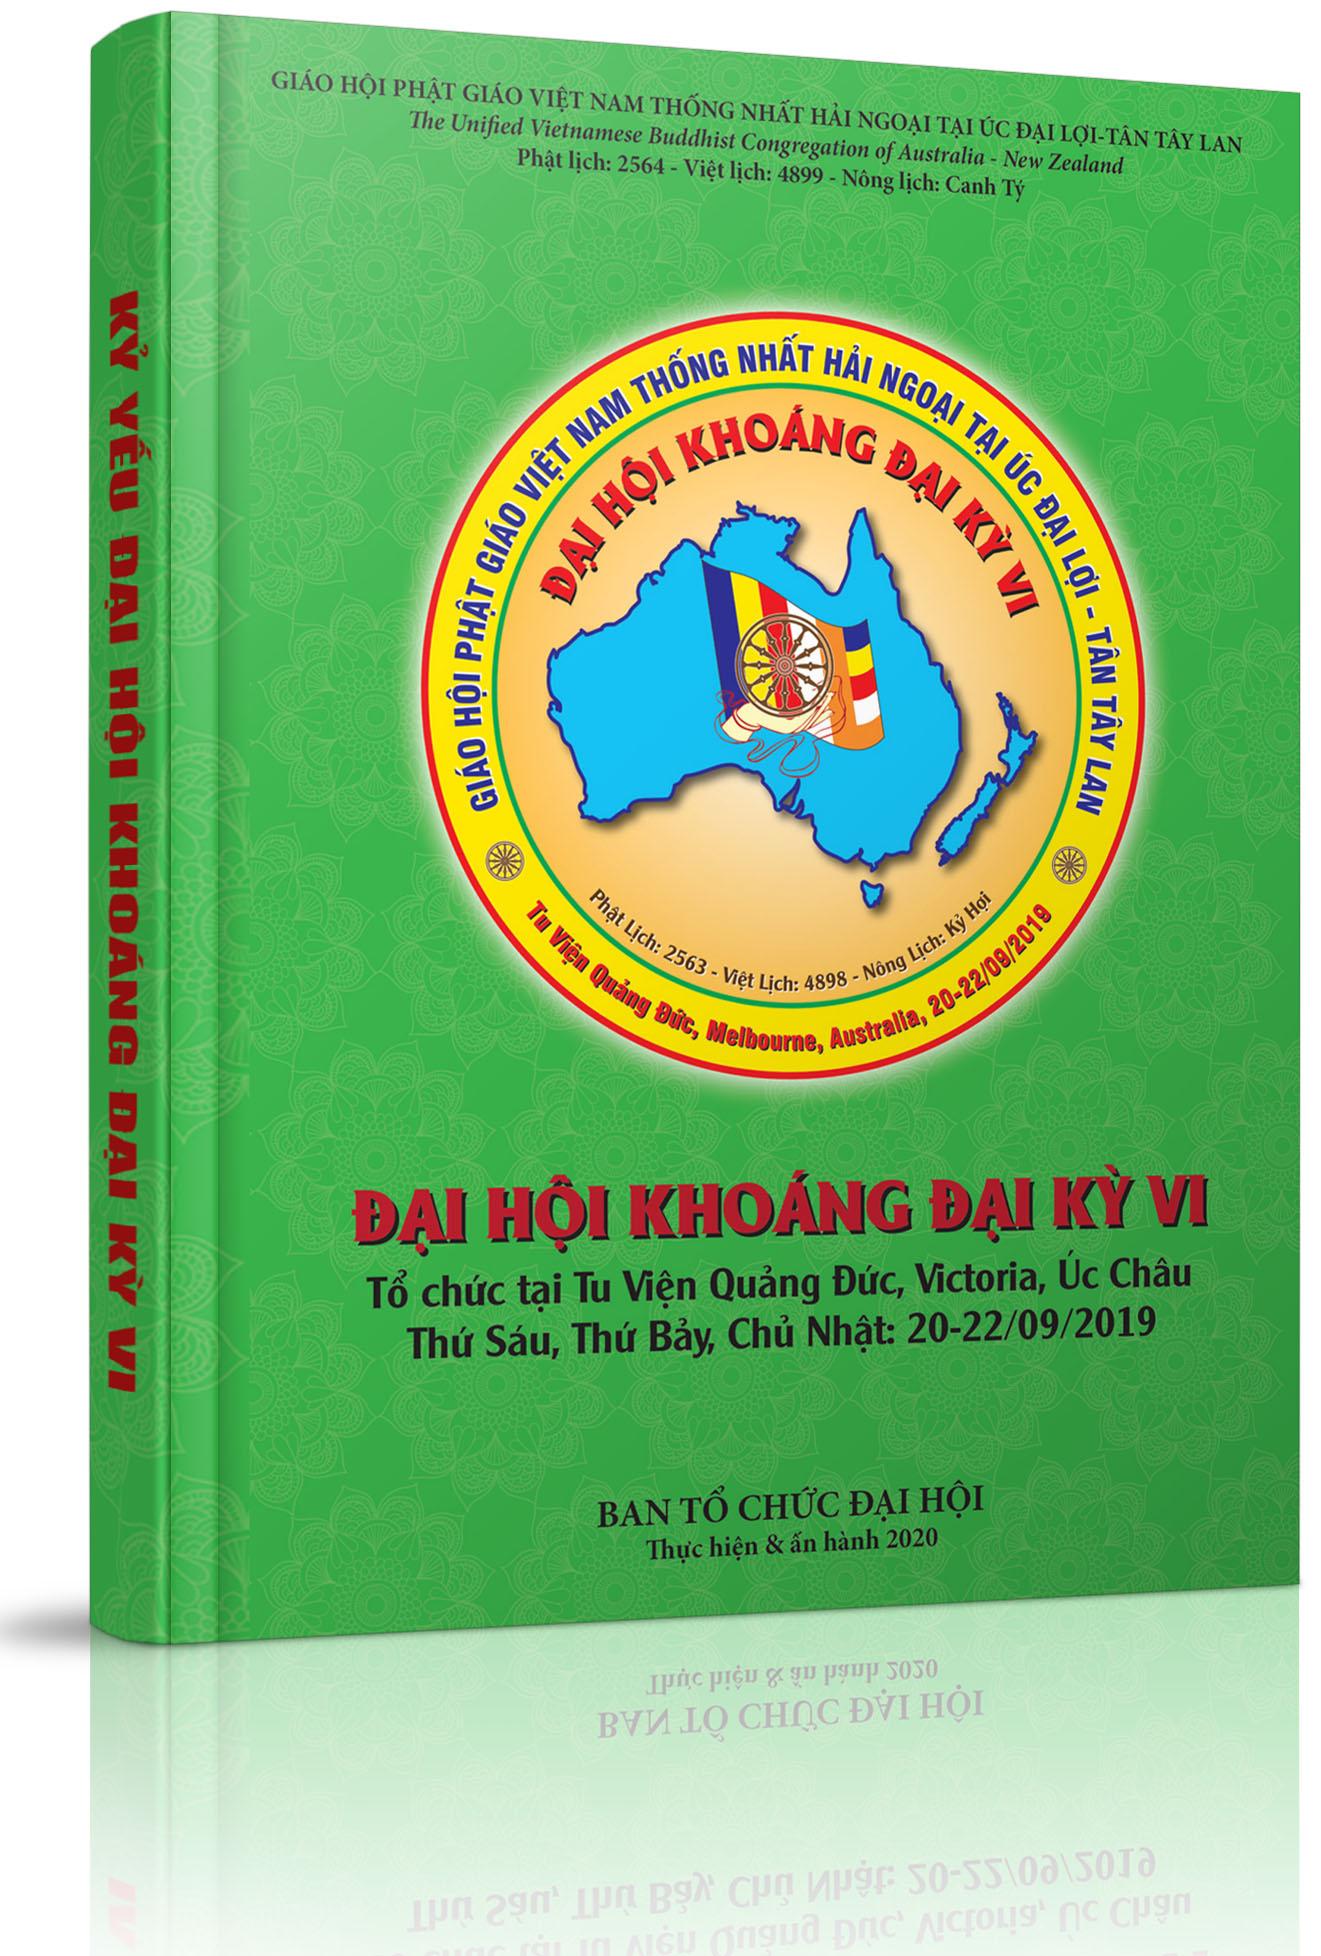 Kỷ yếu Ðại Hội Khoáng Đại kỳ 6 - GHPGVNTN Hải Ngoại tại Úc Đại Lợi - Tân Tây Lan - Giới Thiệu